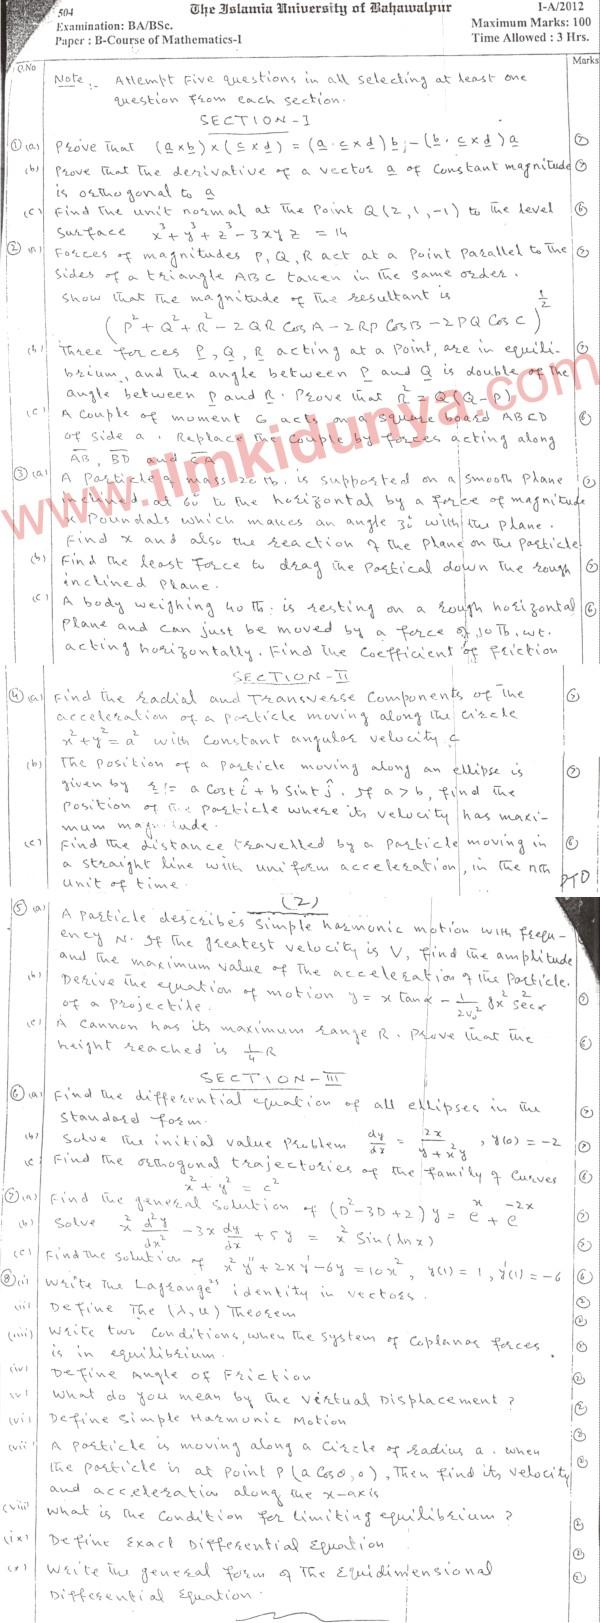 Islamia University Bahawalpur Math BA BSc Part 1 Past Paper 2012